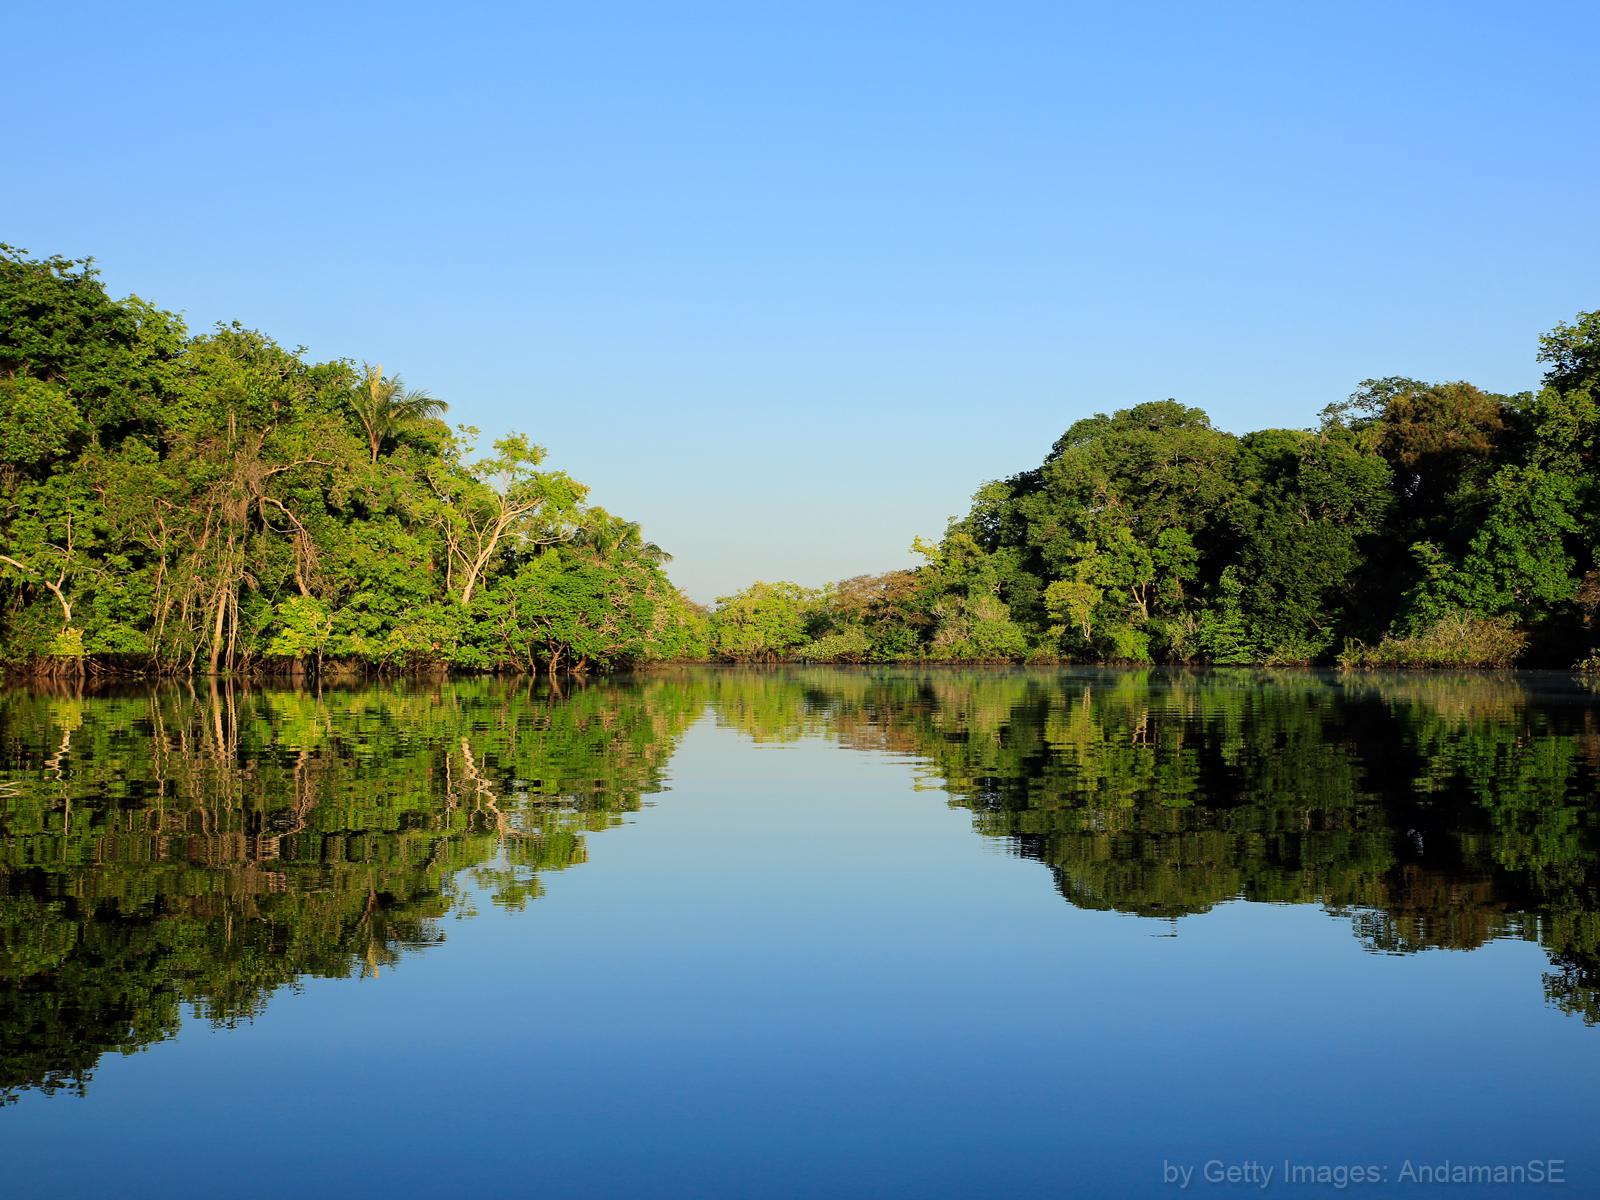 Igreja e meio ambiente, olhos voltados para a Amazônia